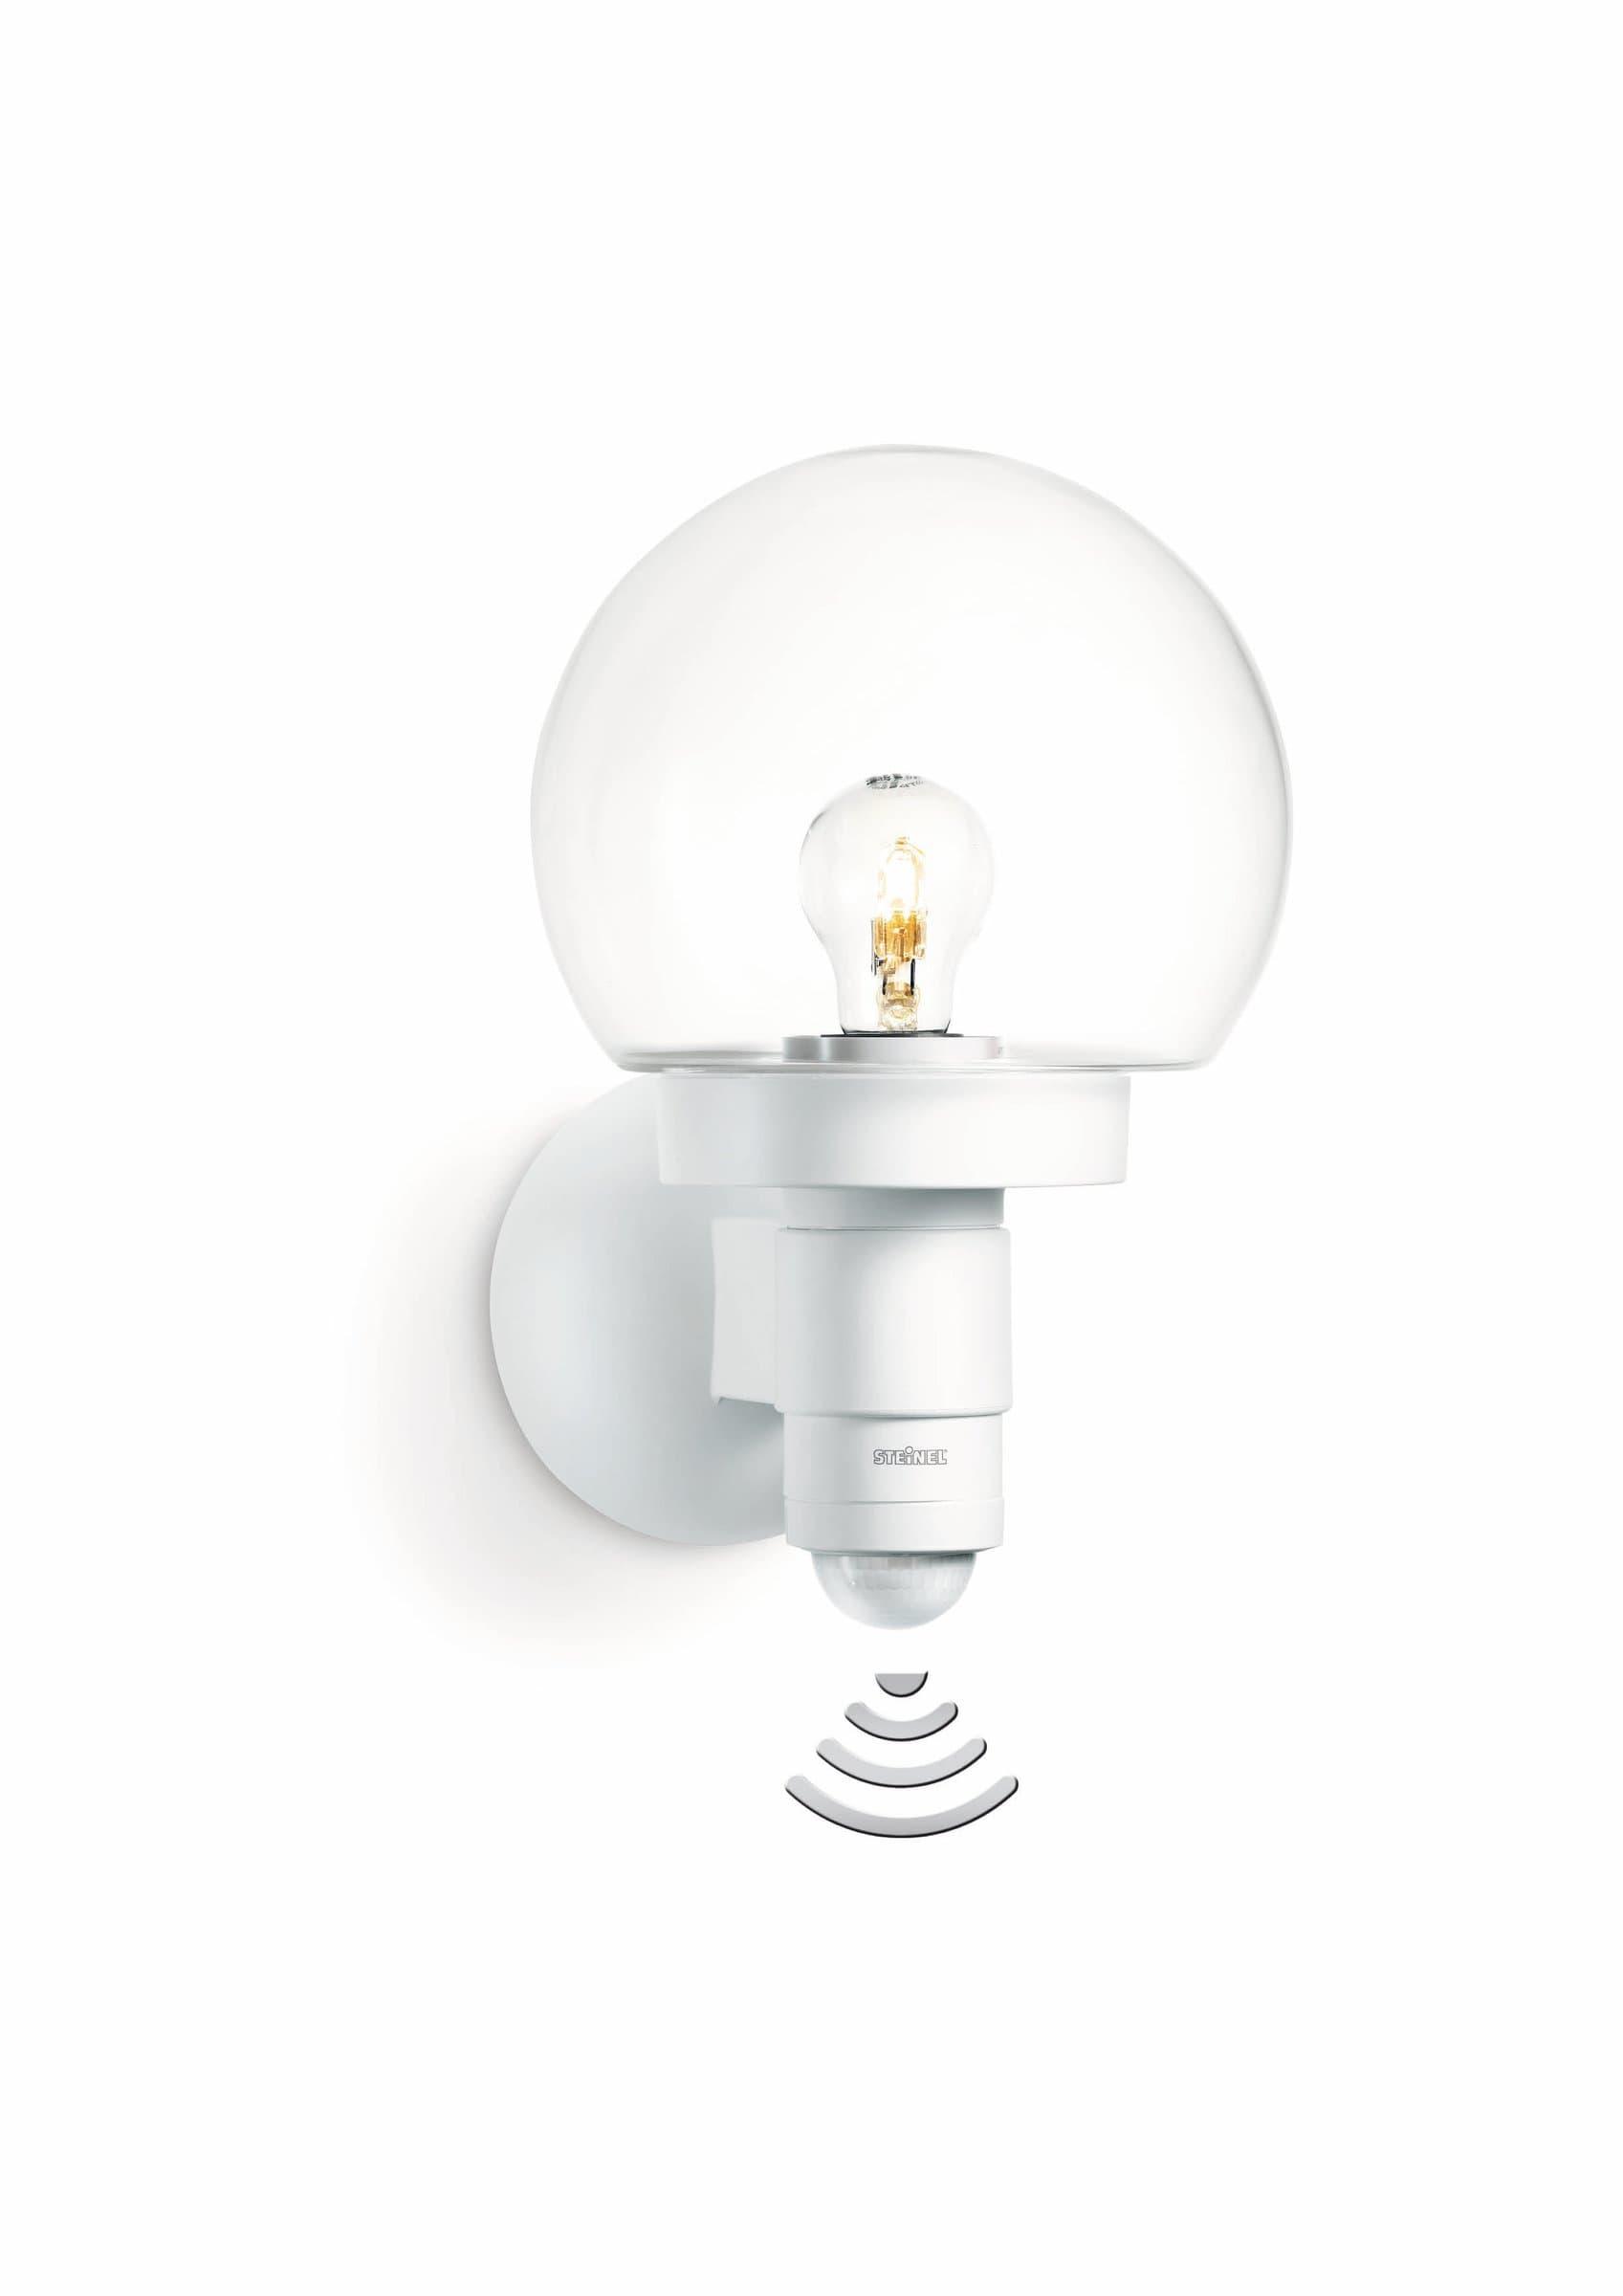 Steinel Lampe détection L 115 Lampe murale d'extérieur